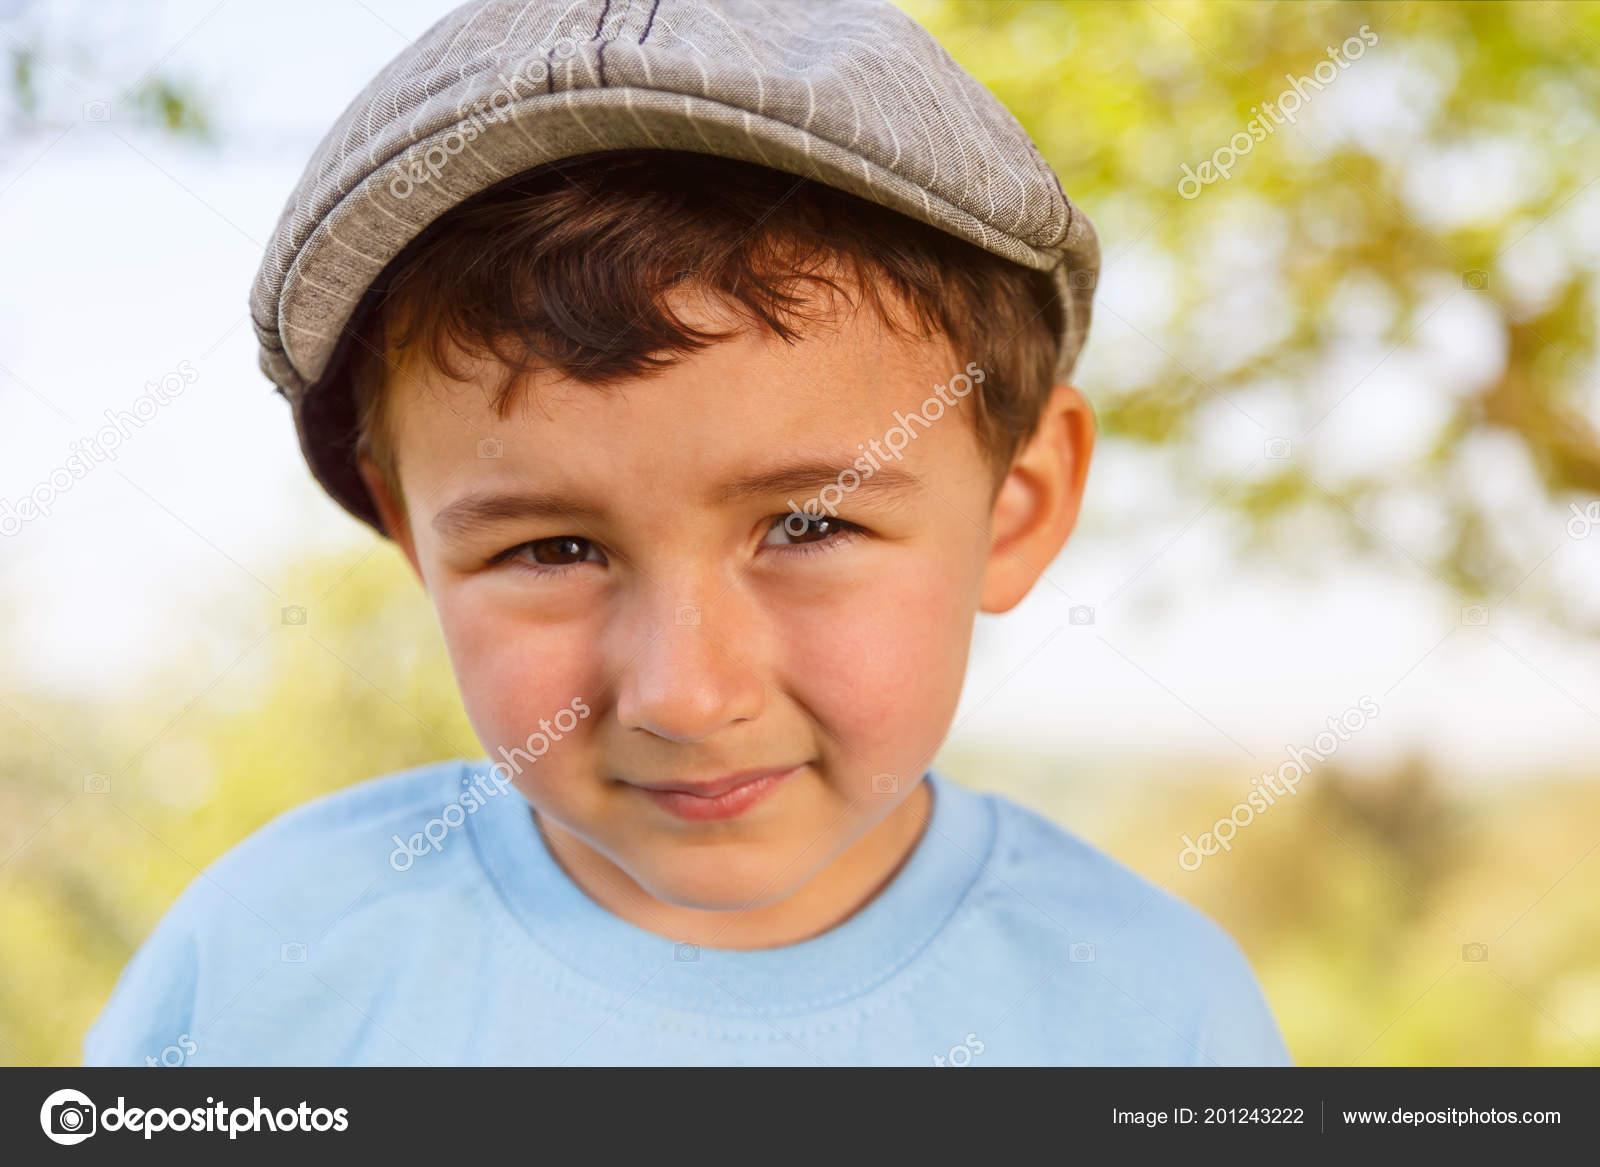 df66cbc816e5 Portrait Child Kid Little Boy Cap Outdoor Face Outdoors Nature — Stock Photo